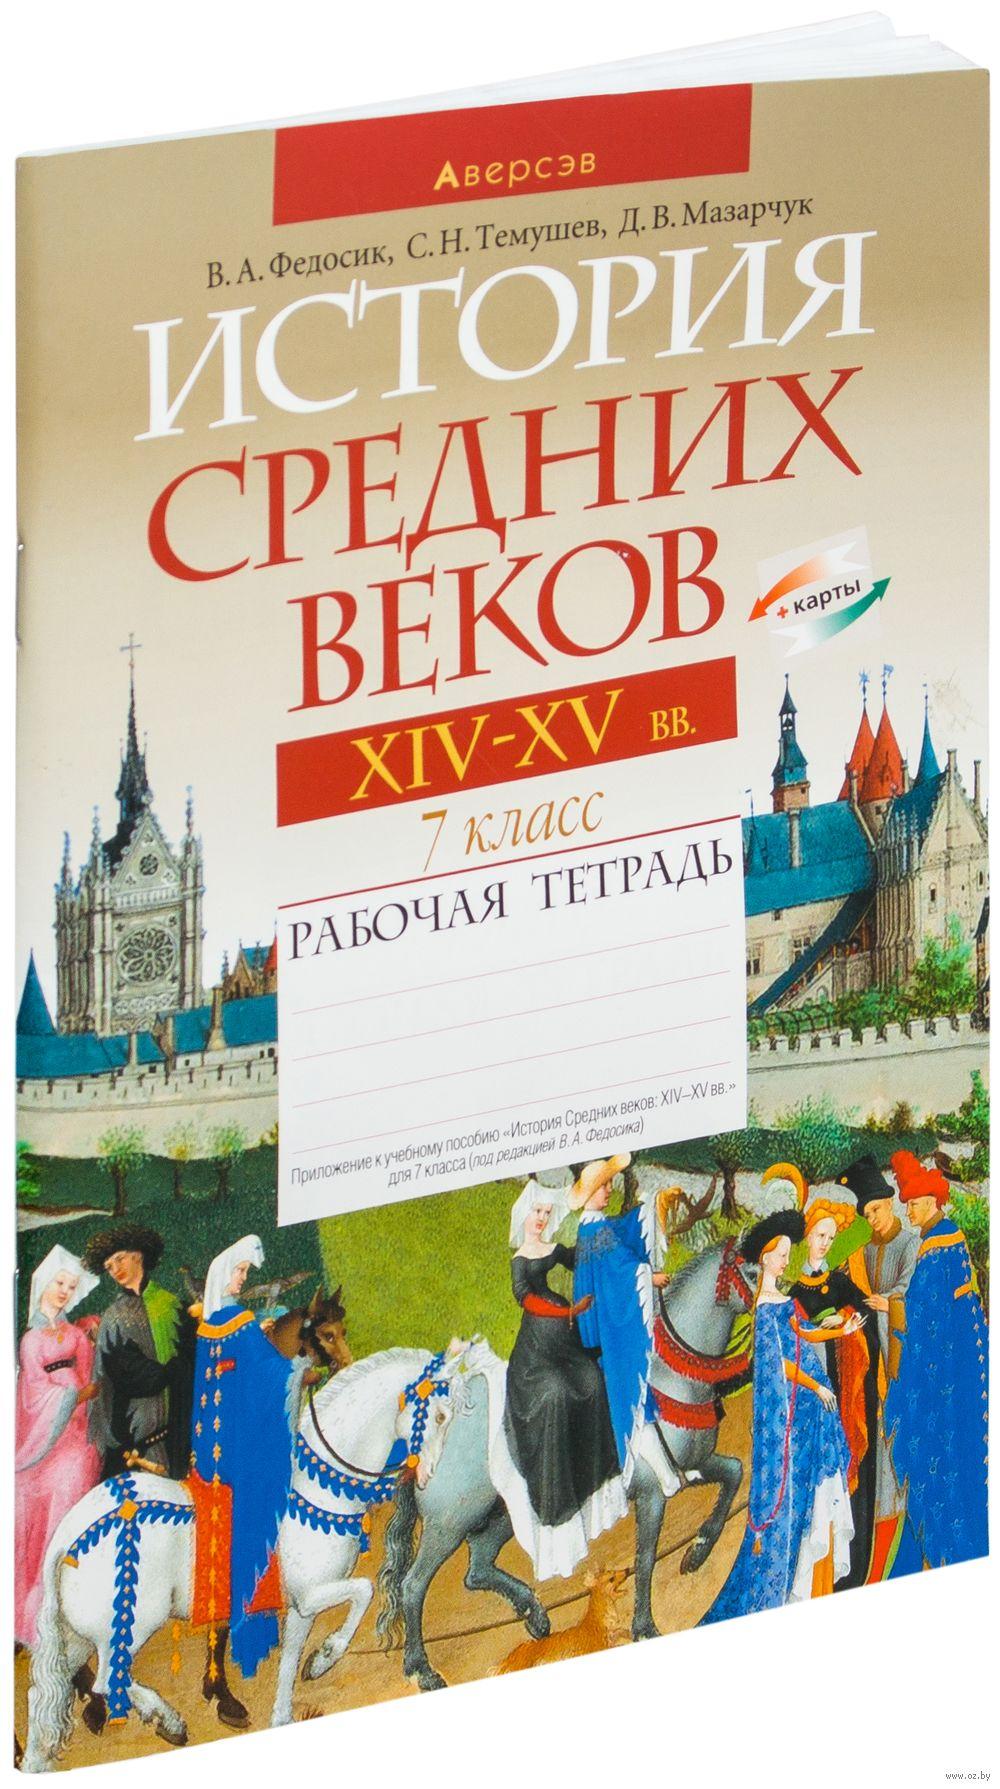 Решебник на рабочую тетрадь 7 класса по историе в.а.федосик издательствоаверсэв 2018минск